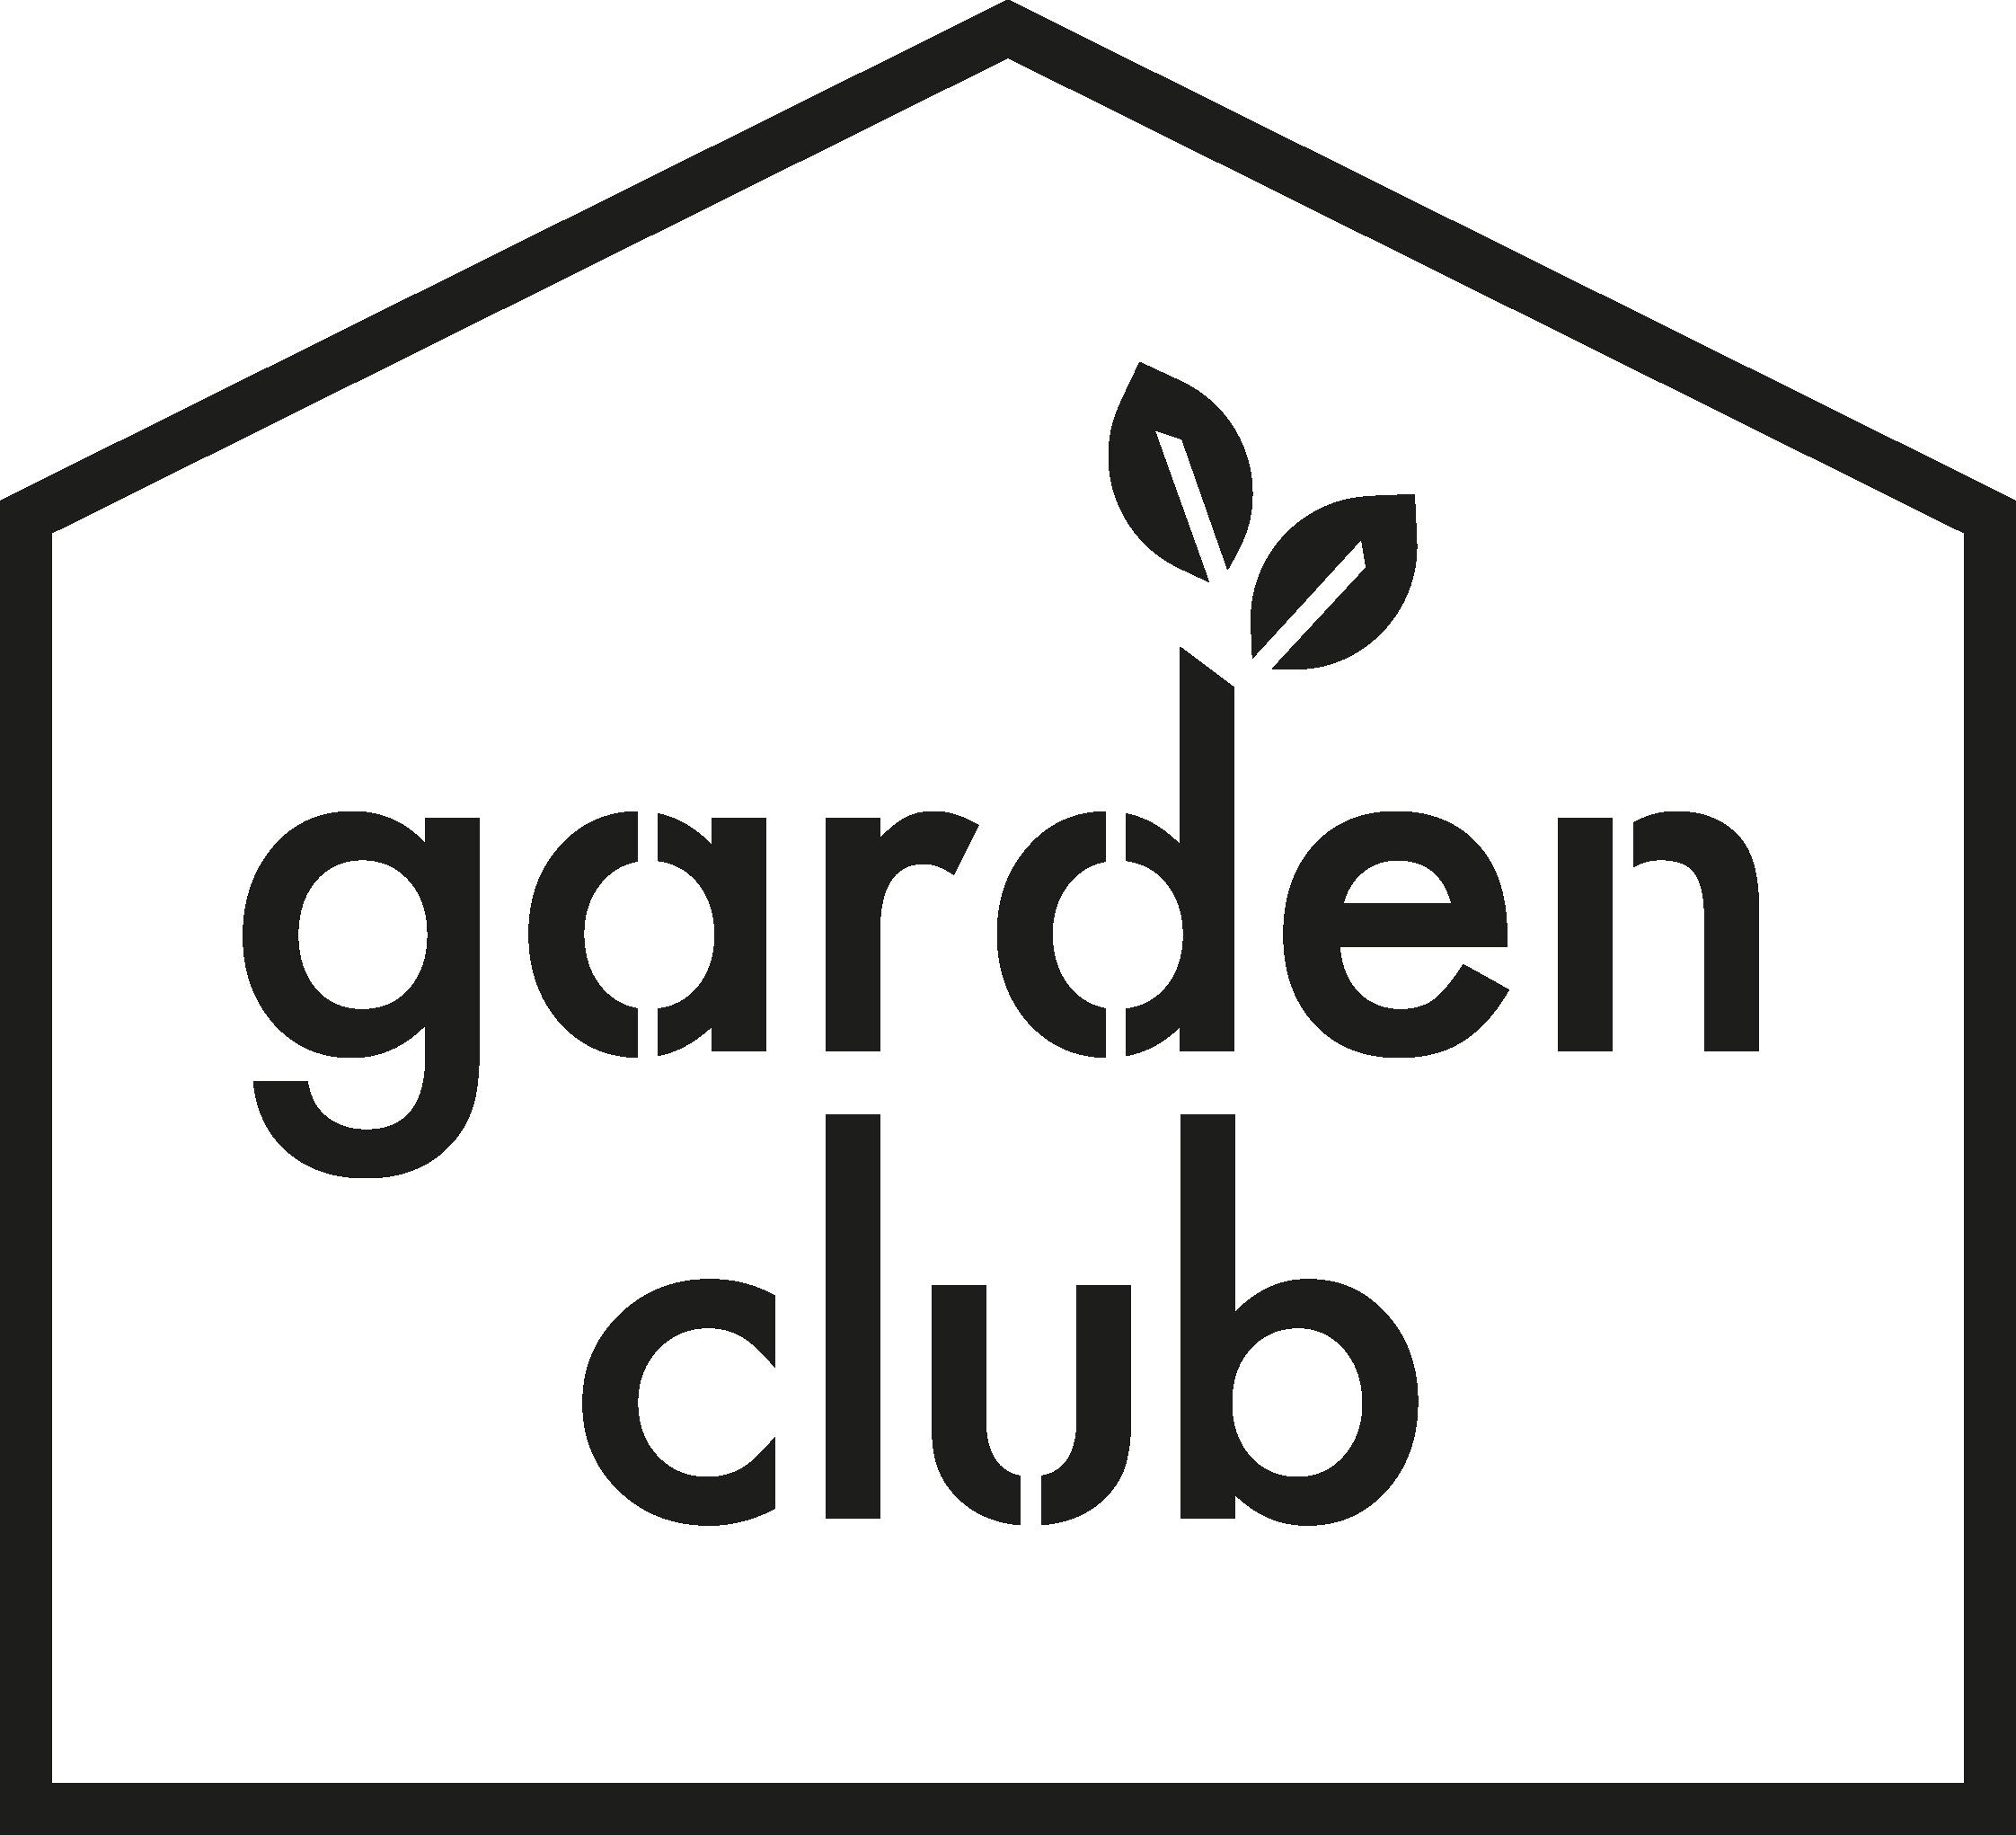 garden club logo black